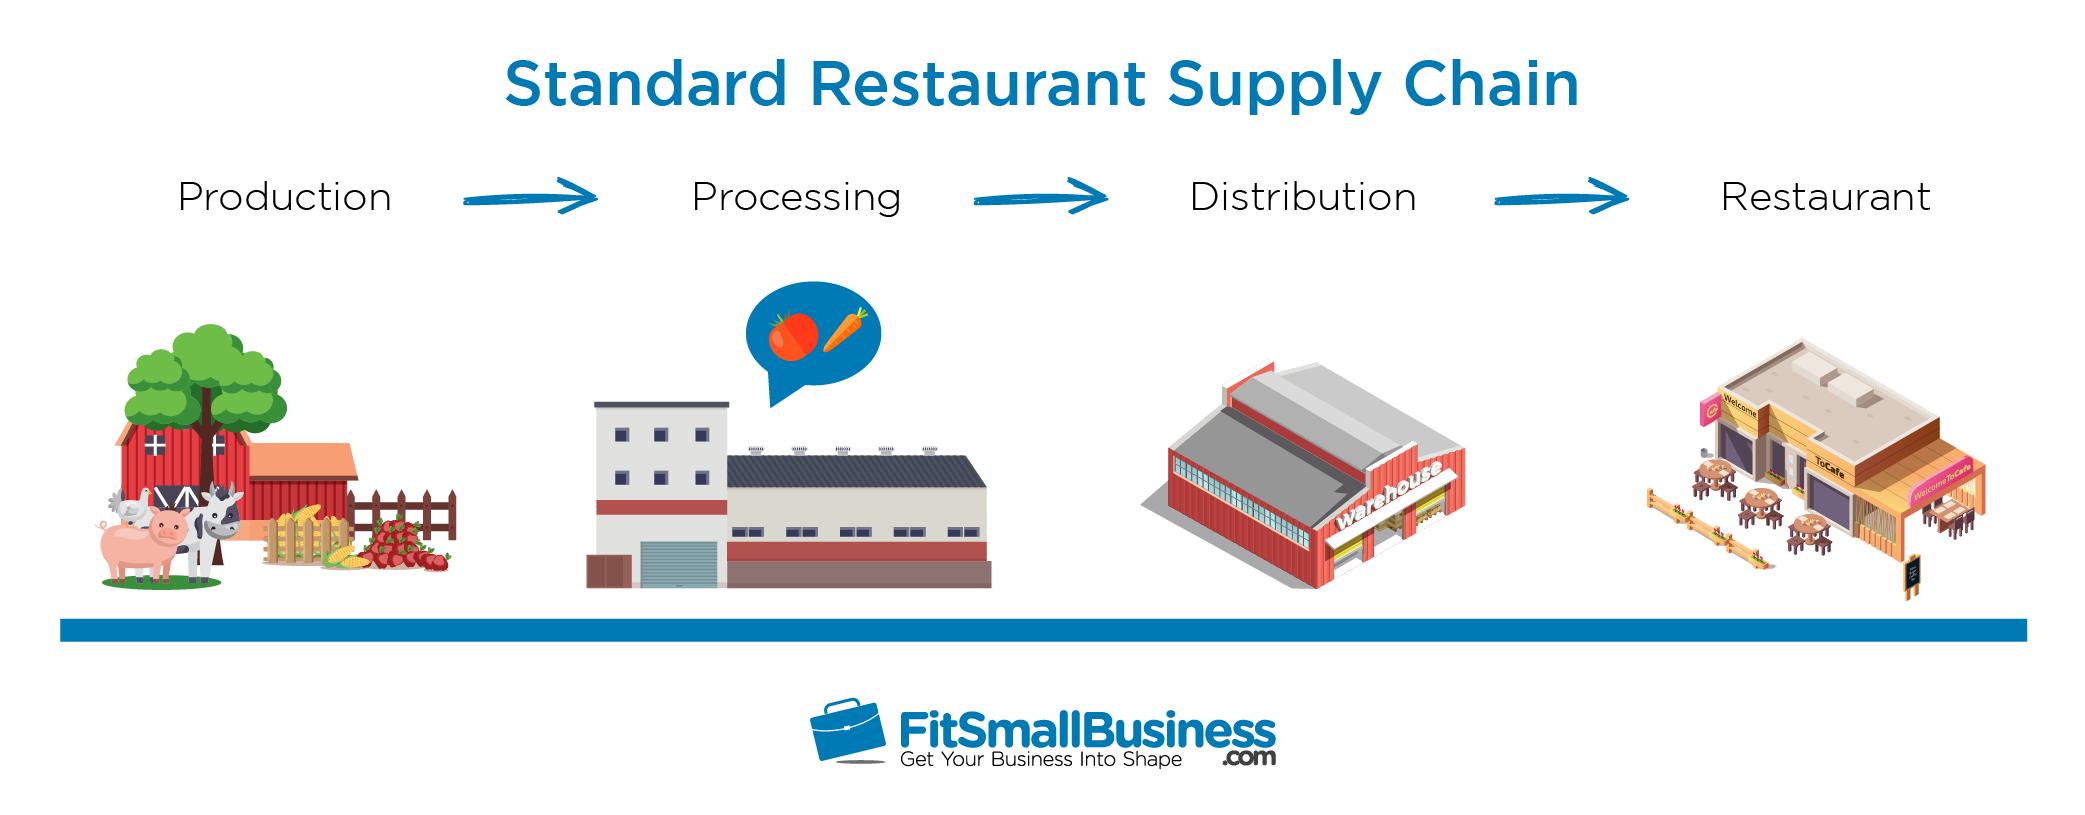 Standard Restaurant Supply Chain